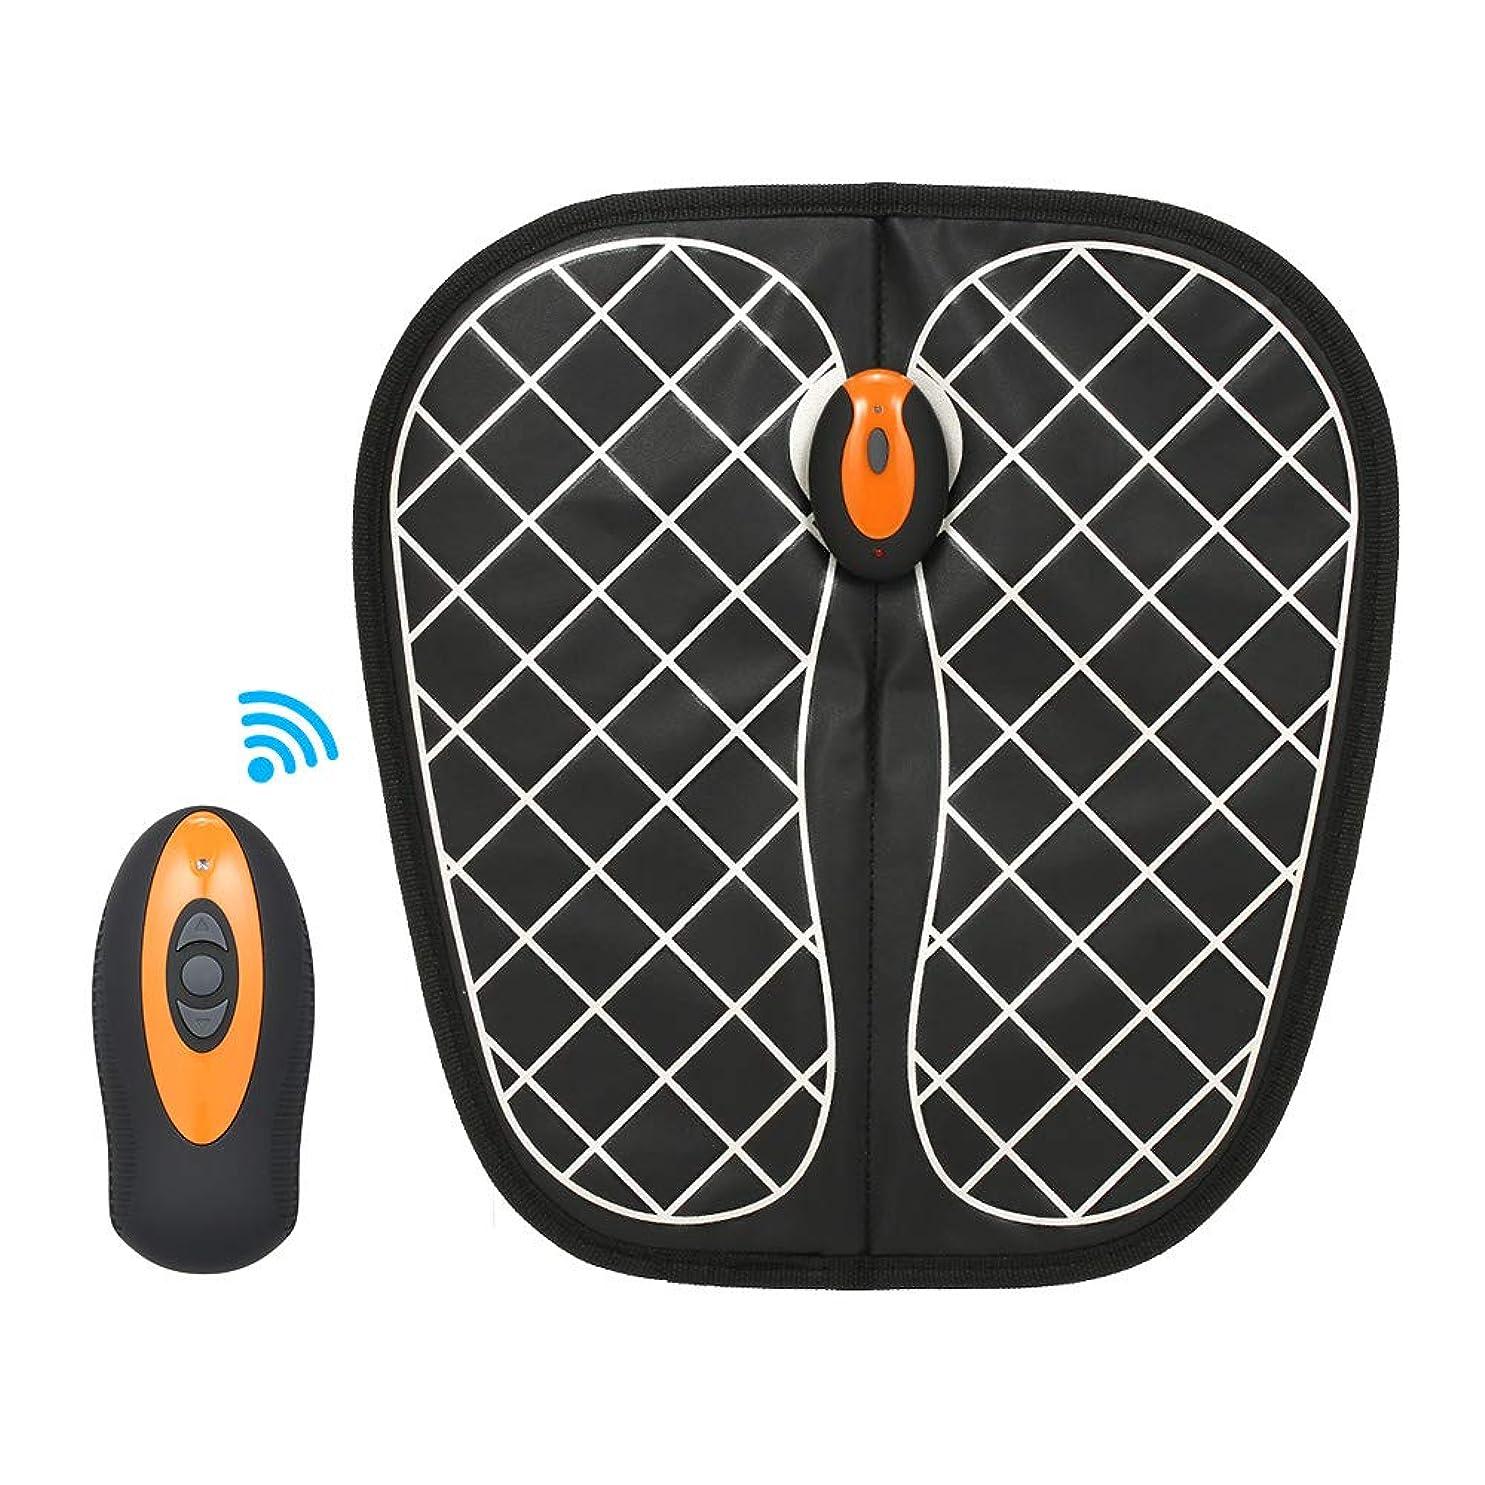 敏感な人気野生Decdeal EMSフットマッサージャー フットマッサージャー 足用 充電式 マッサージ器 USB充電 操作簡単 持ち運び便利 ブラック